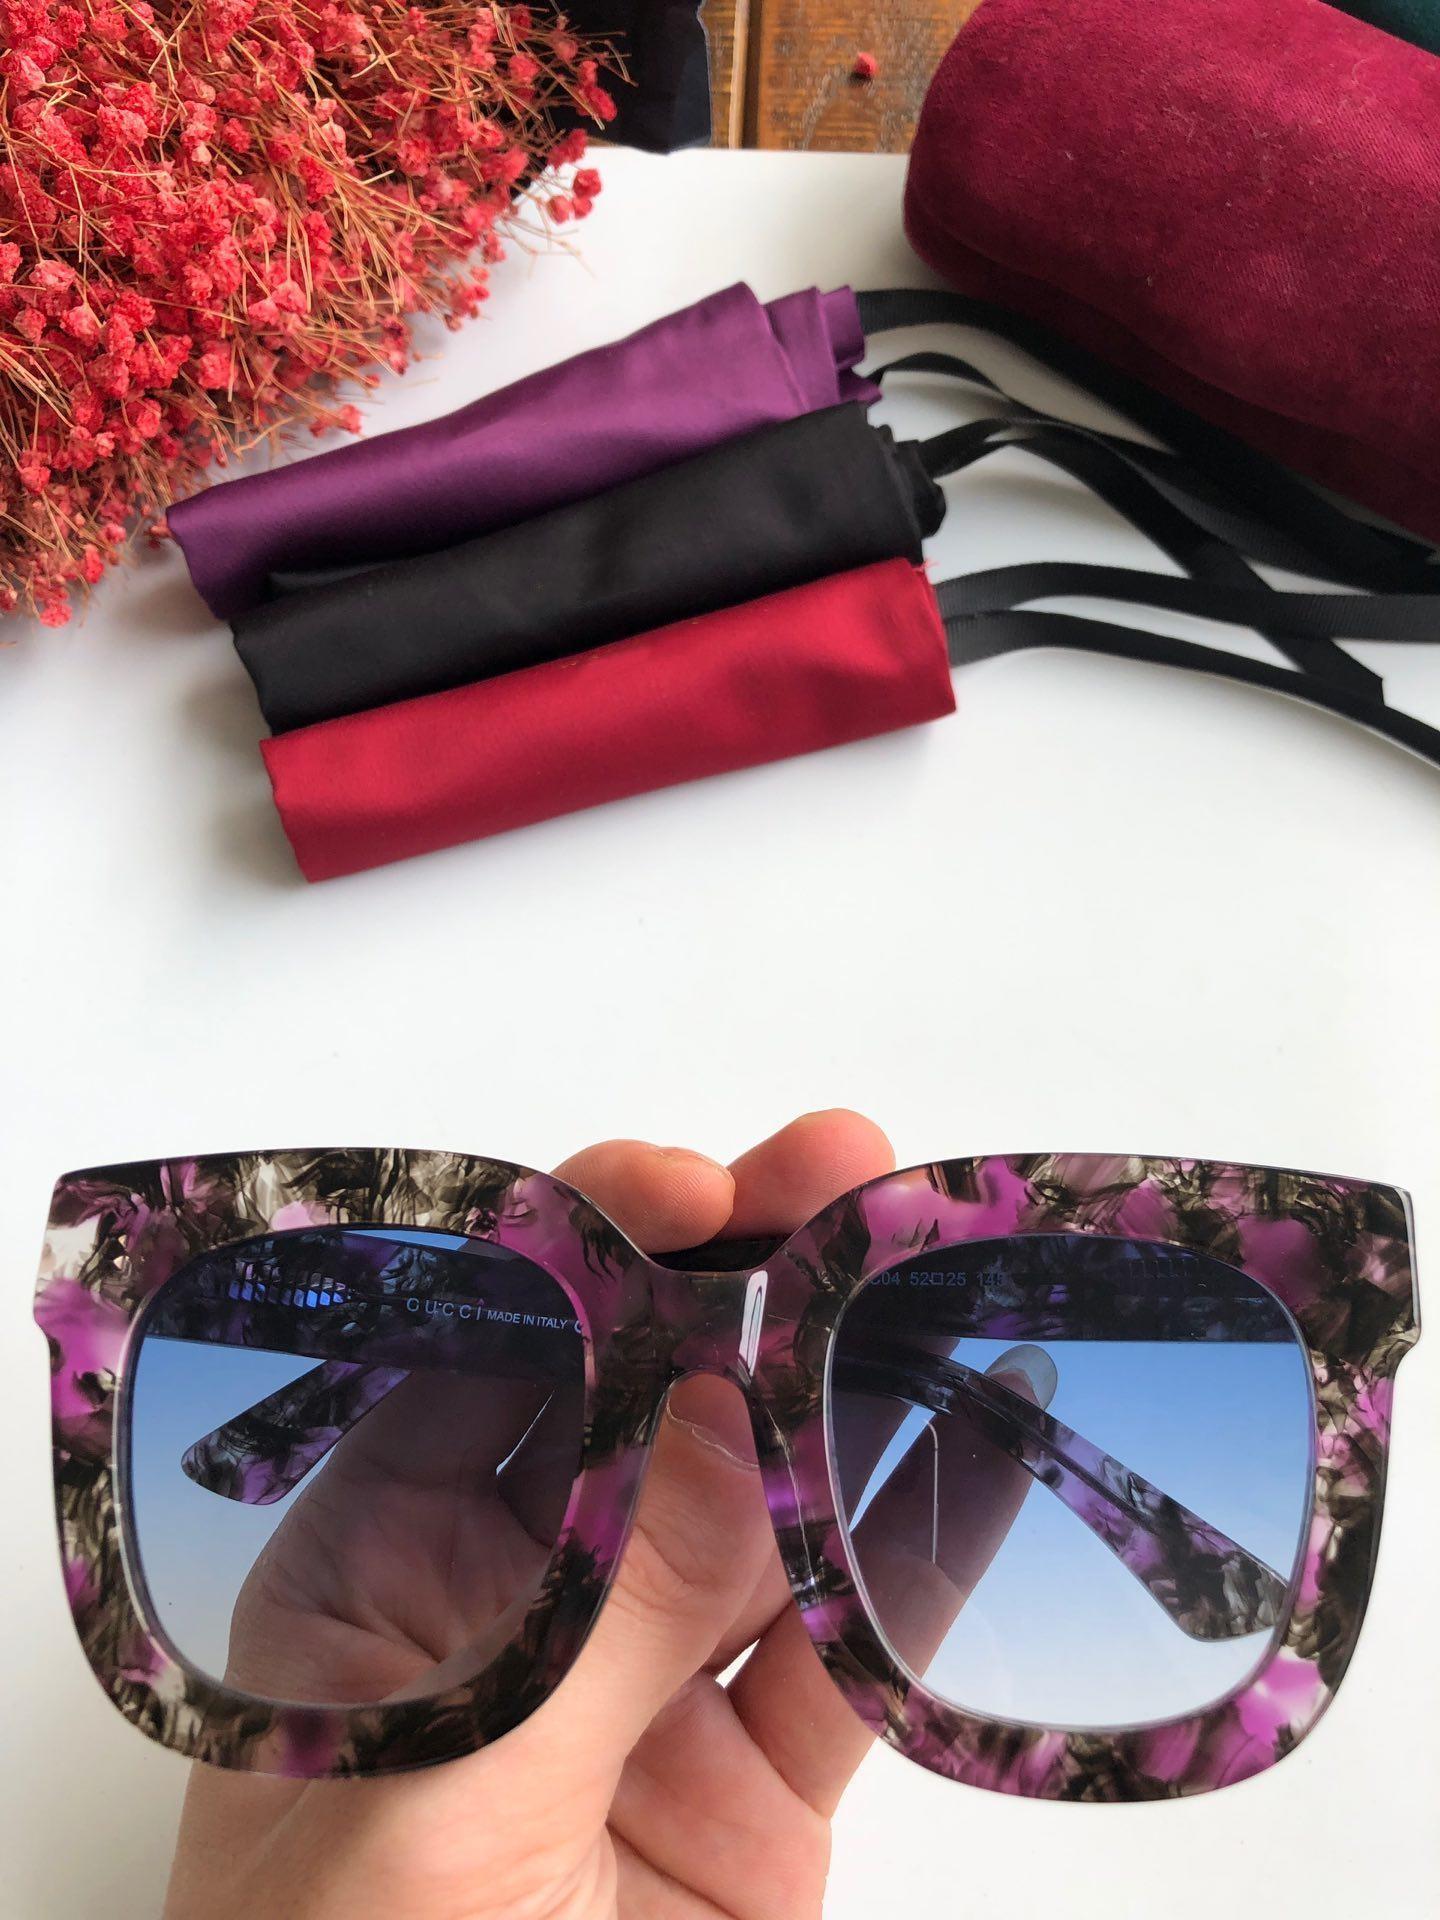 2019 Populaire 0208S Lunettes De Soleil De Luxe Femmes Designer 0208 Ovale Été Style Rectangle Plein Cadre Top Qualité Protection UV